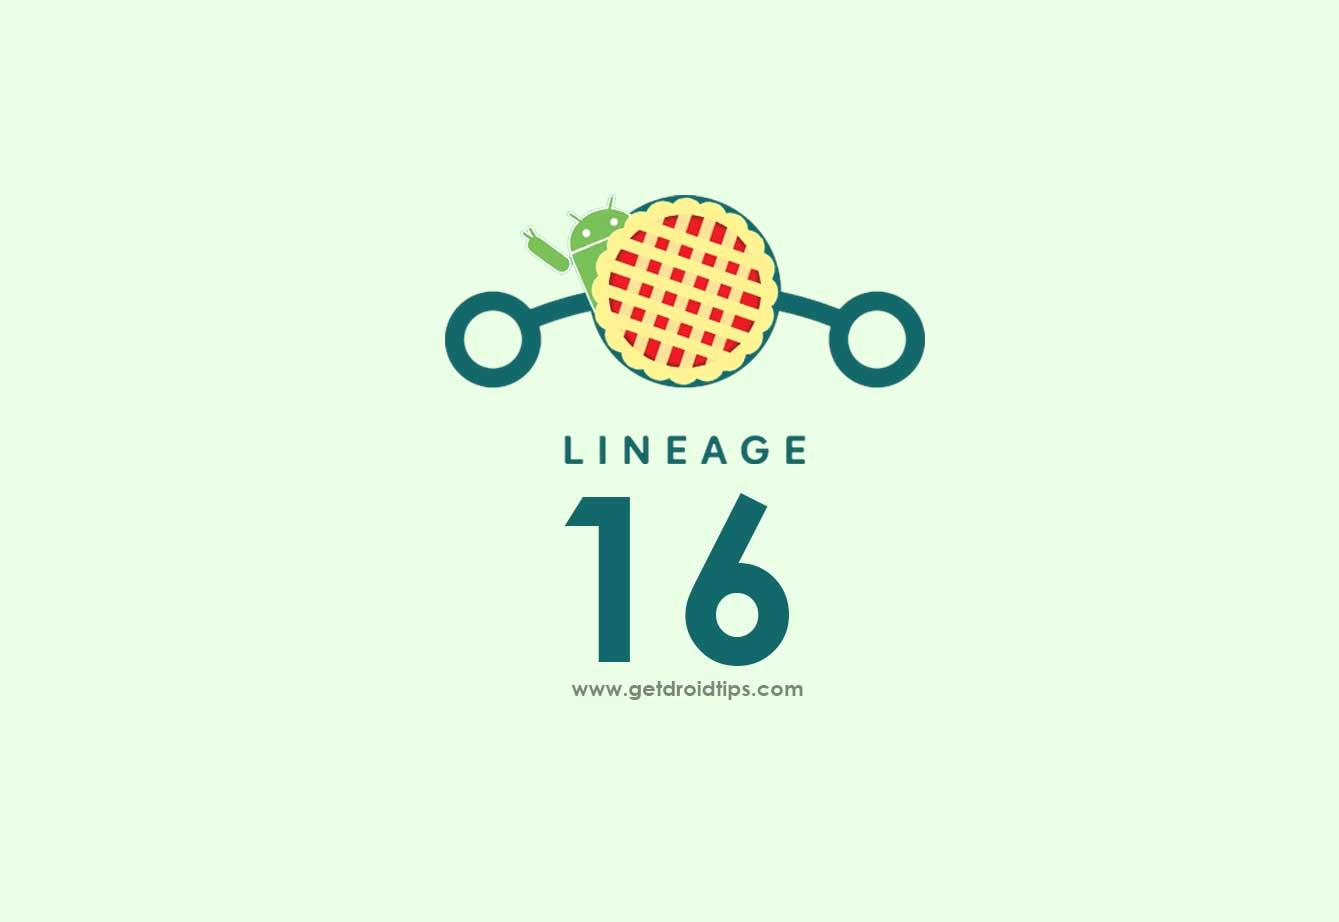 Cómo construir Lineage OS 16 en Windows 10 a través de WSL usando AOSP Android Pie Source